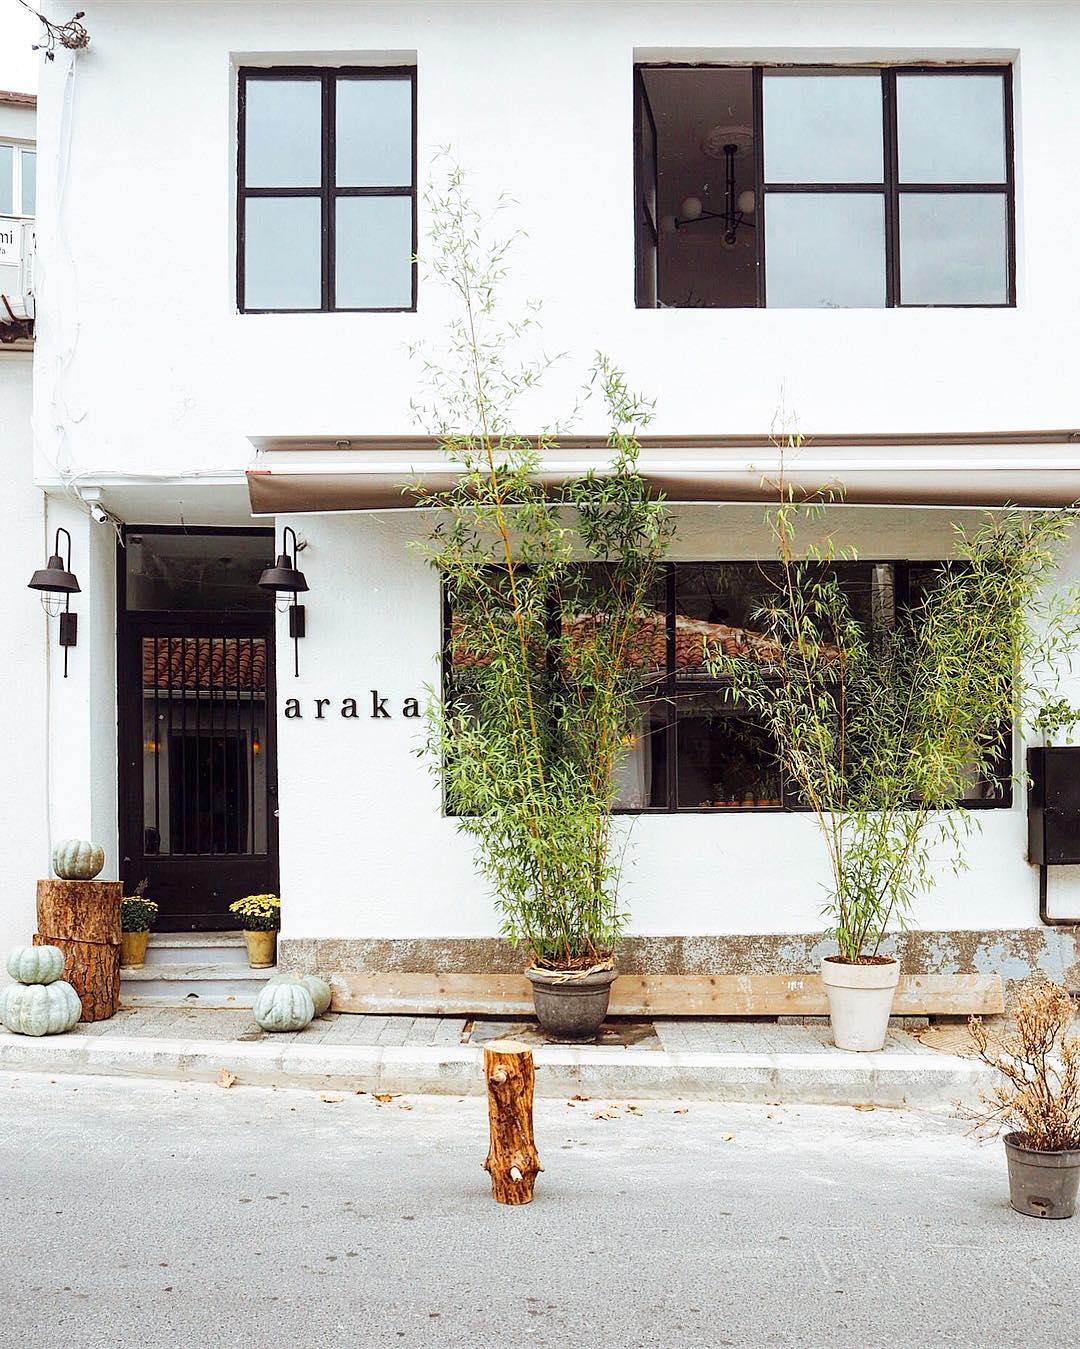 İstanbul'dan Yeni Mekanlar, Yeni Tatlar | Araka